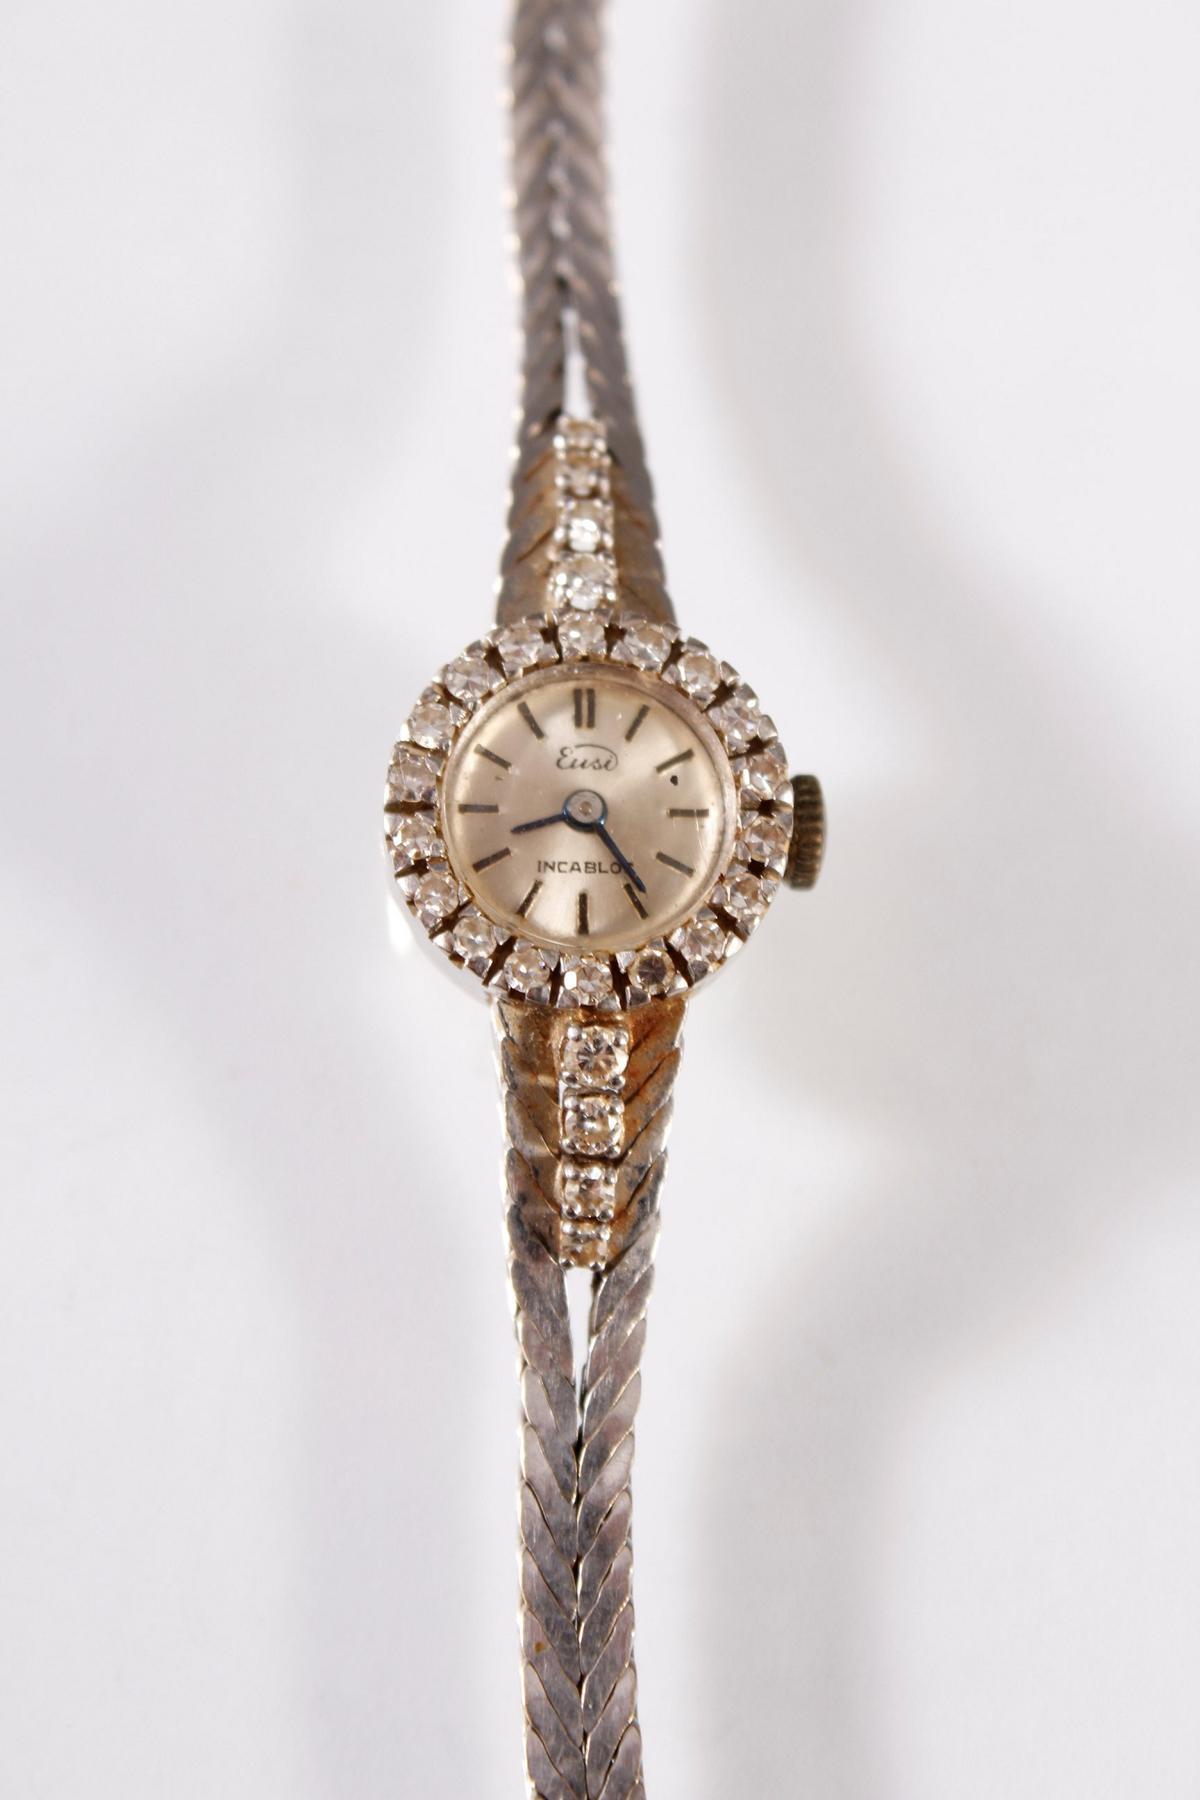 Damenarmbanduhr mit Diamanten, Marke Eusi, 18 Karat Weißgold-2